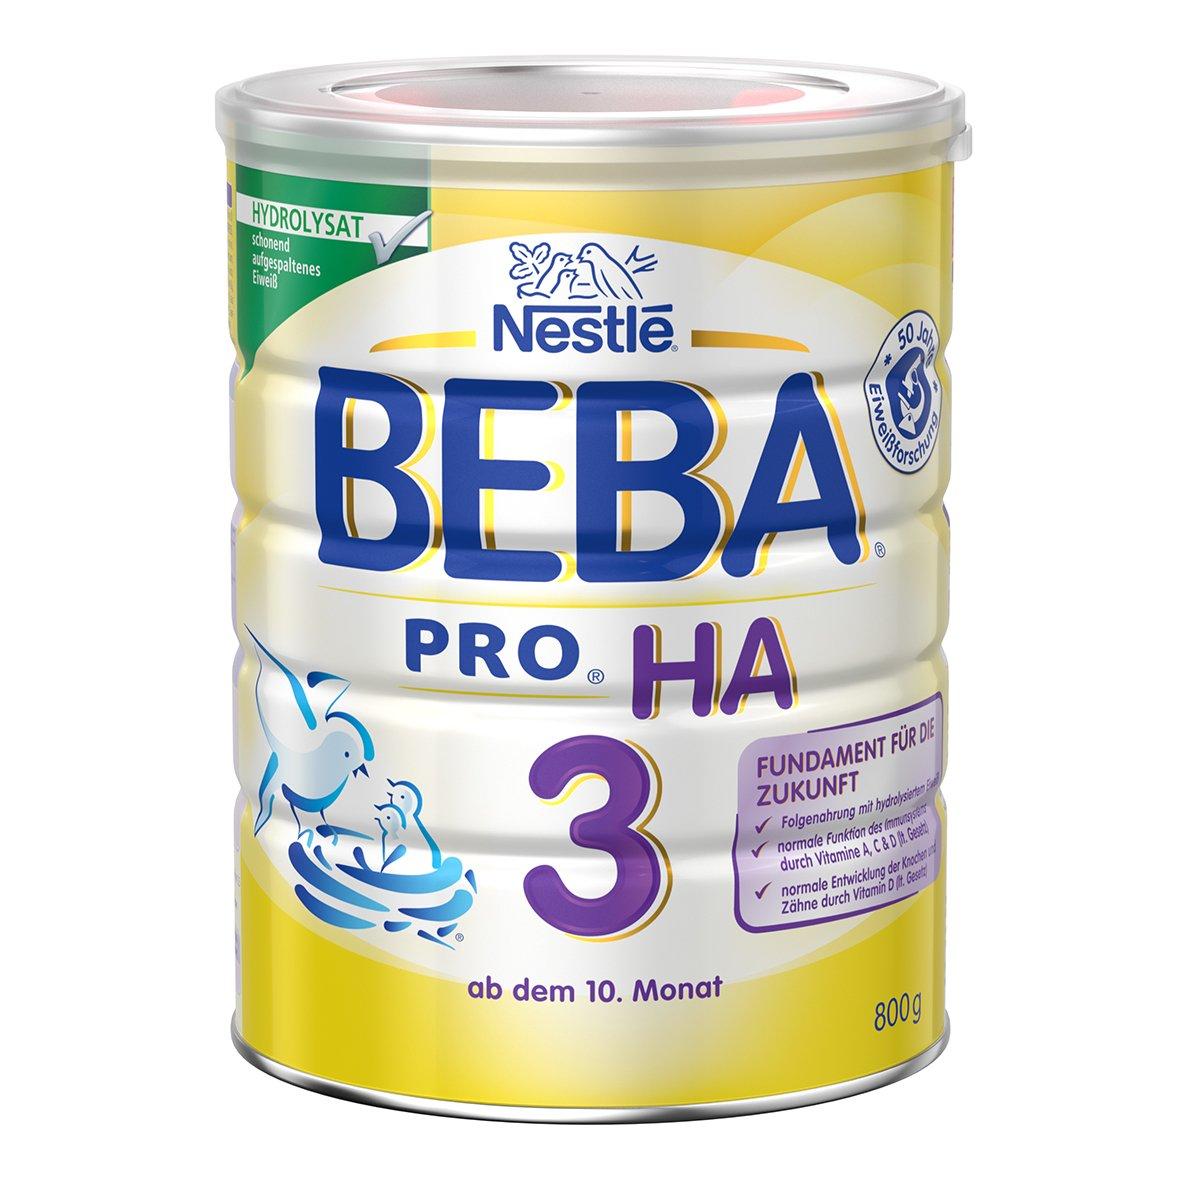 Nestlé Beba Pro HA 3 Folgenahrung, ab dem 10. Monat, Baby-Nahrung als Pulver, mit hydrolisiertem Eiweiß, enthält Vitamin A, C und D, 800g Dose enthält Vitamin A